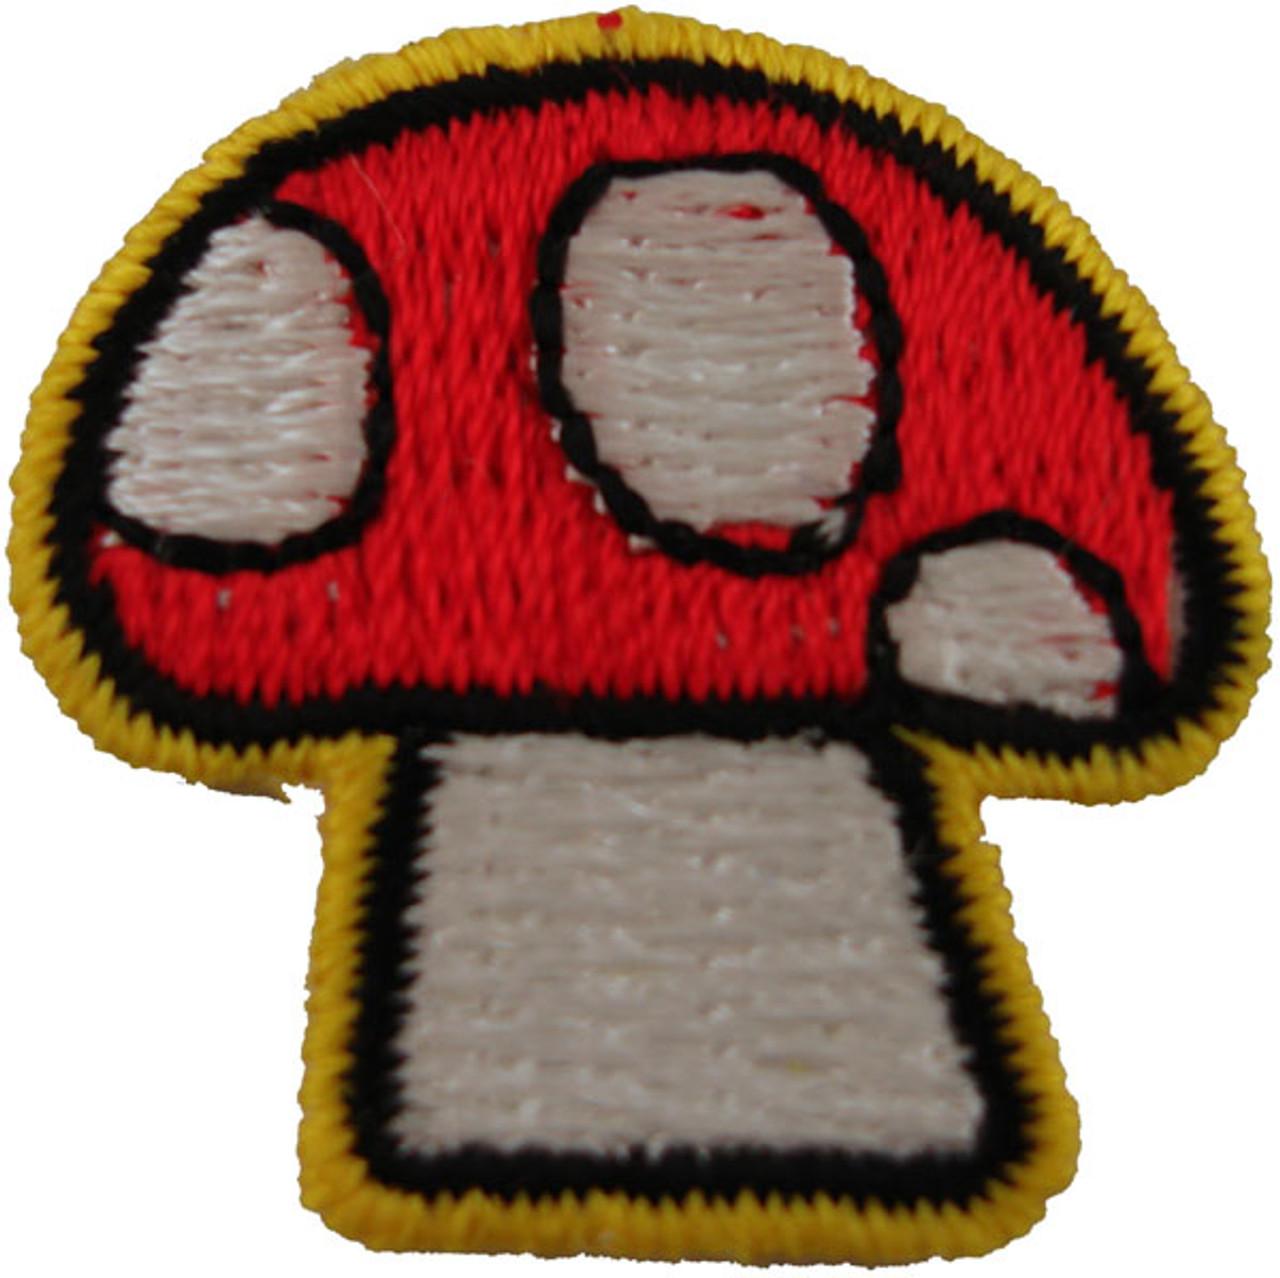 Mario Super Mushroom Patch